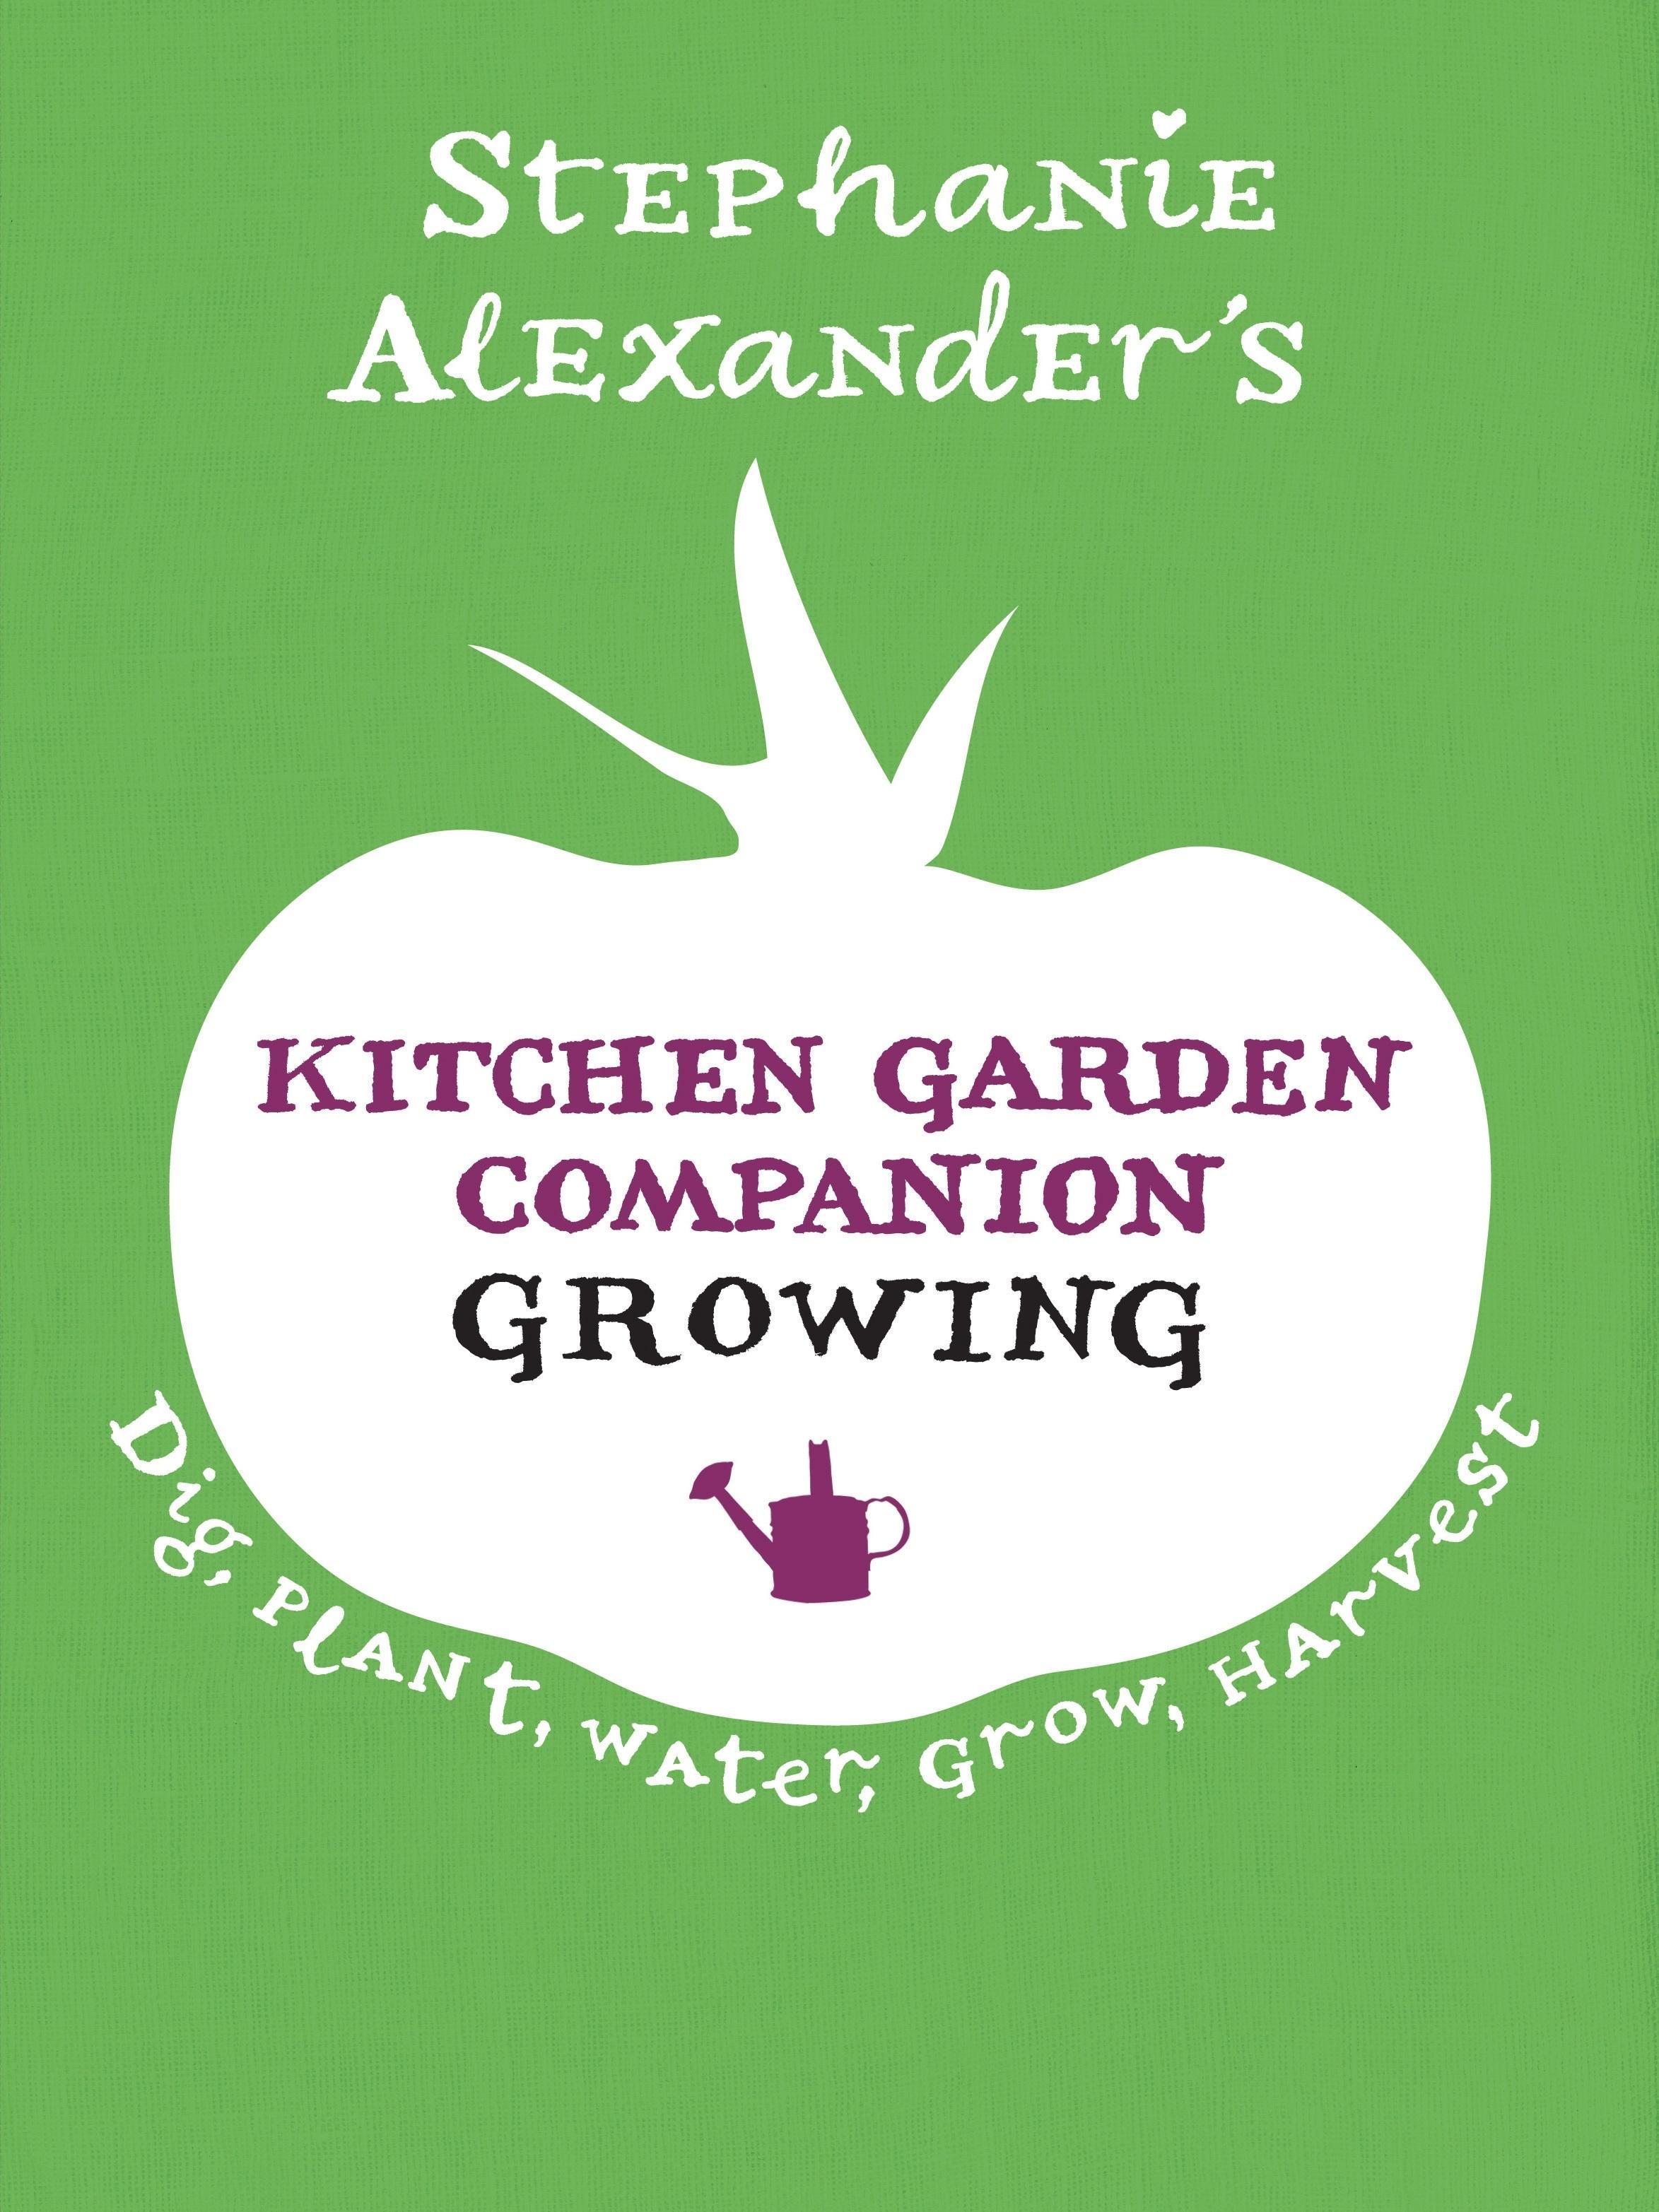 Stephanie Alexander's Kitchen Garden Companion: Growing